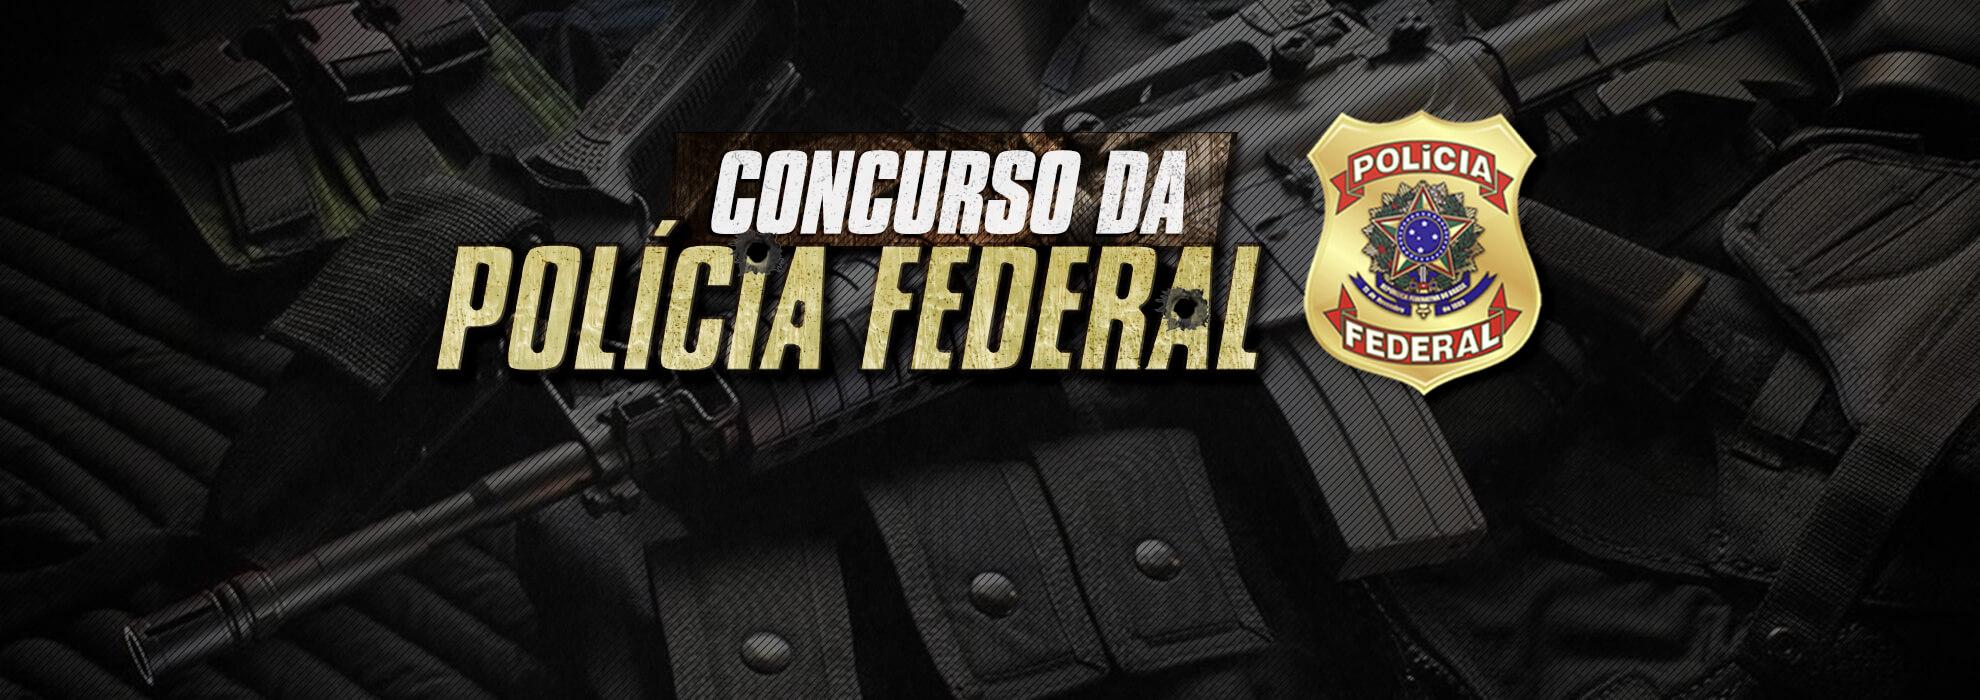 Concurso Da Policia Federal Saiba Tudo Sobre A Pf